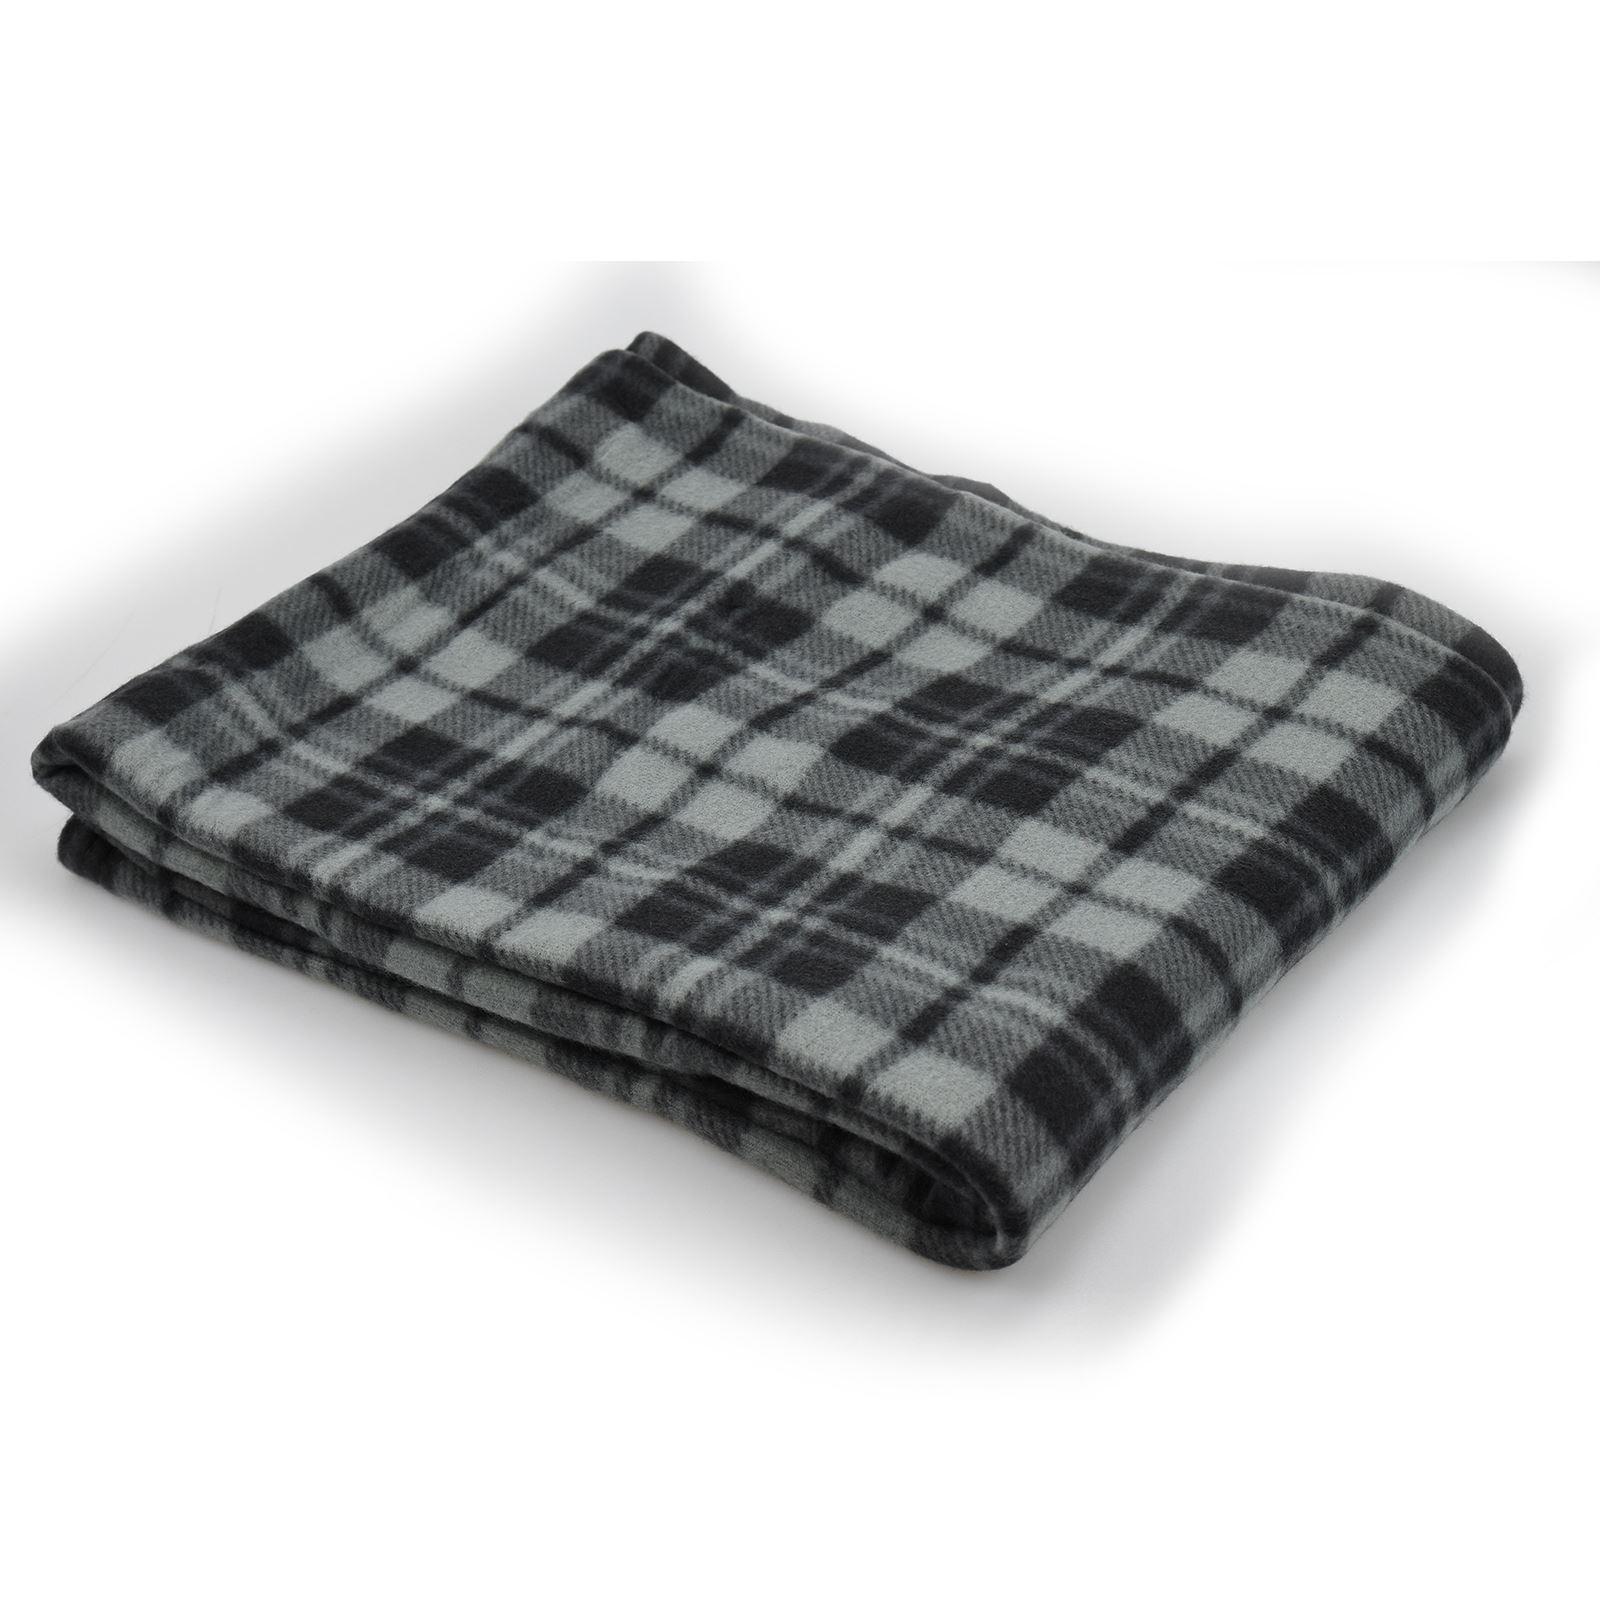 SOFT-Flannel-Pile-Divano-Letto-Coperta-Buttare-alterno-Design-Lusso-grandi-Warm miniatura 6